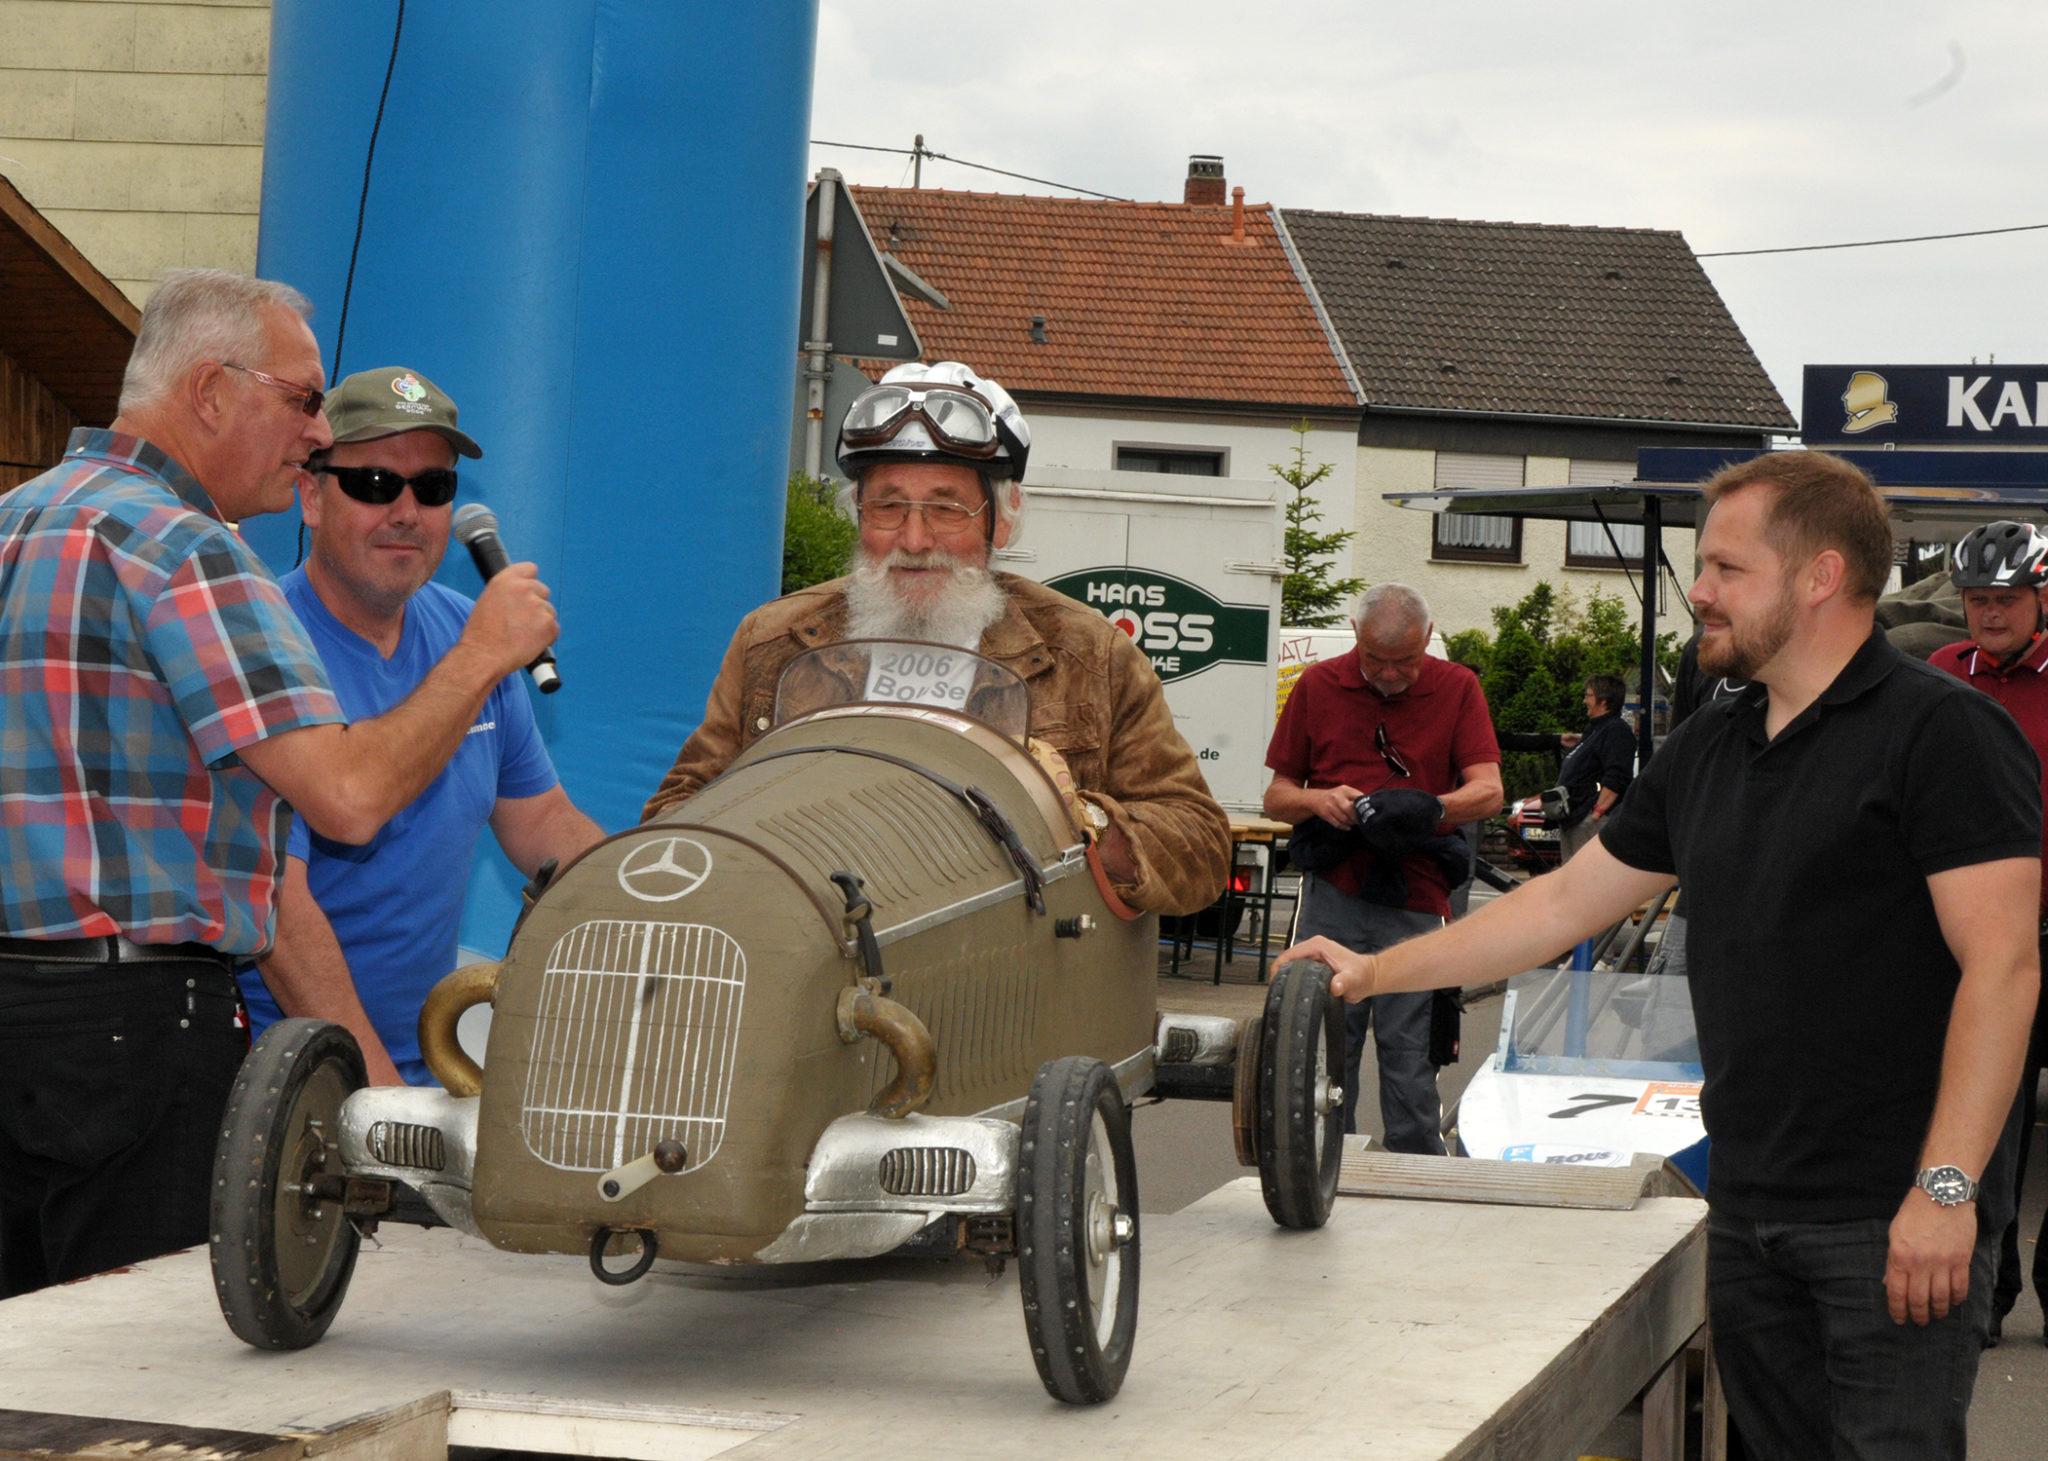 zu sehen ist der Bouser Alfred Geber mit seinem alten Mercedes-Nachbau beim Start der Bouser Maisause